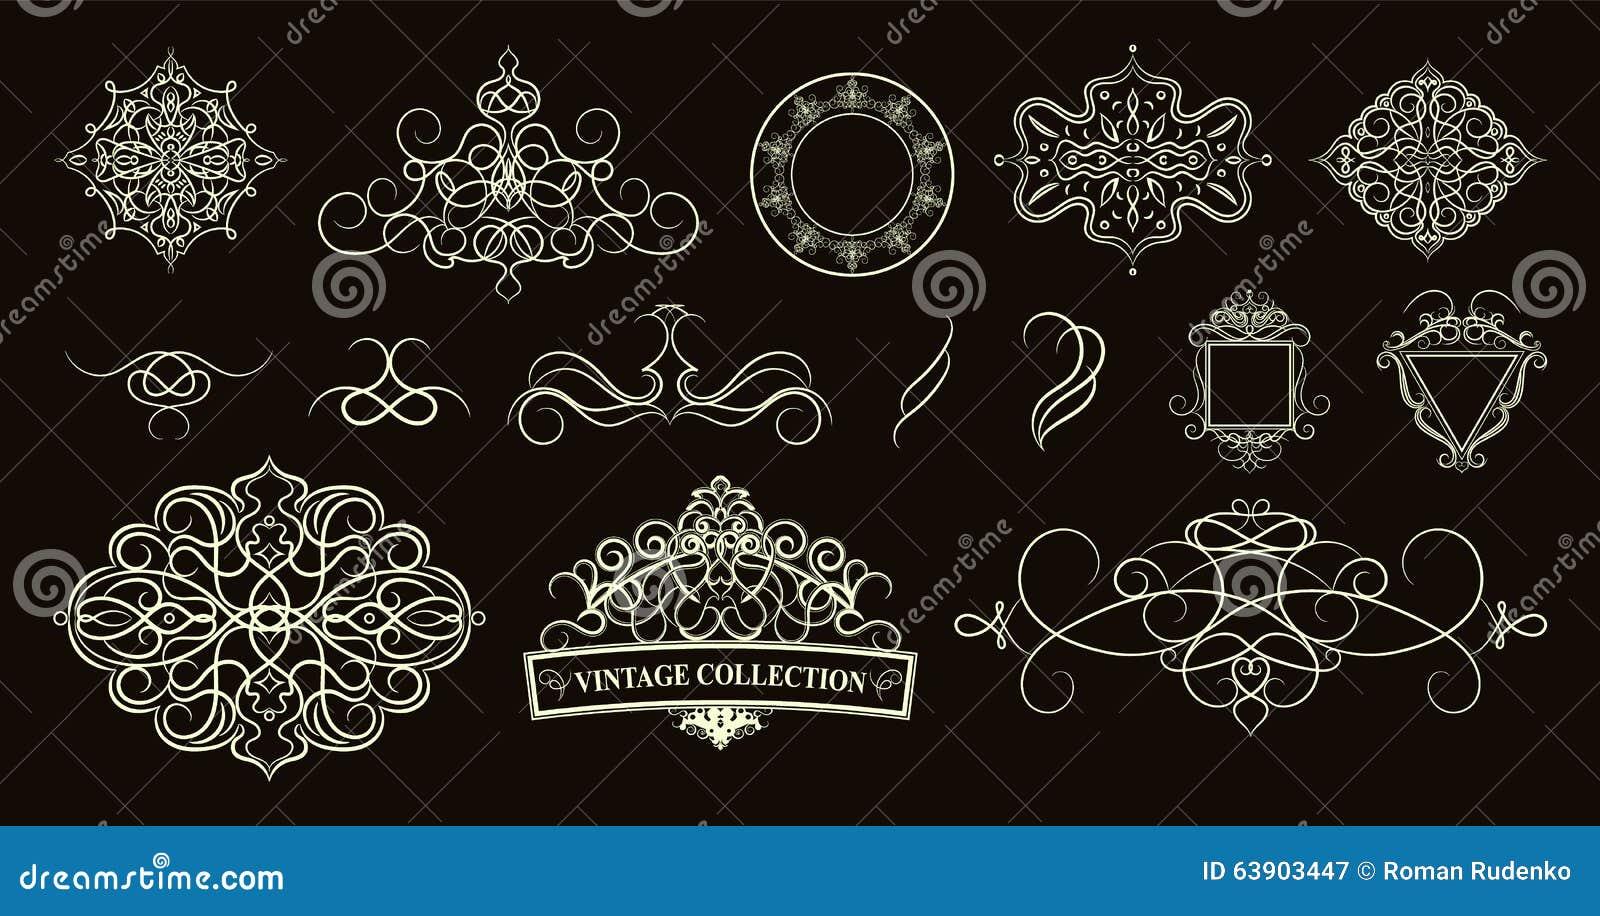 Set vintage borders frame and rosette decoration for logo we download comp junglespirit Gallery